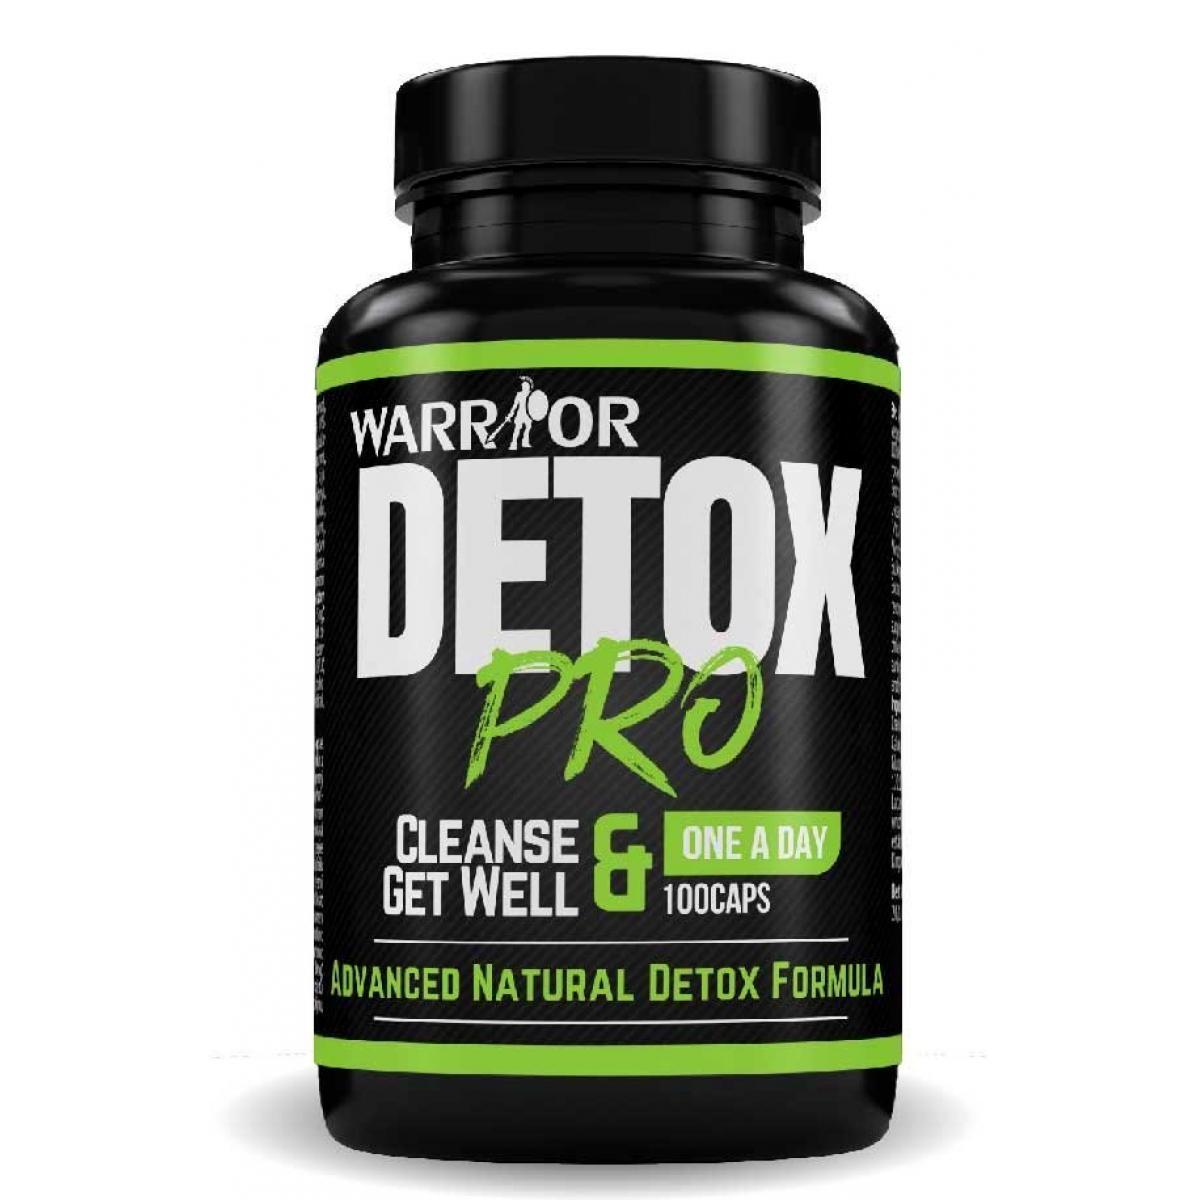 Detox Pro-zdravý detox - 100 caps